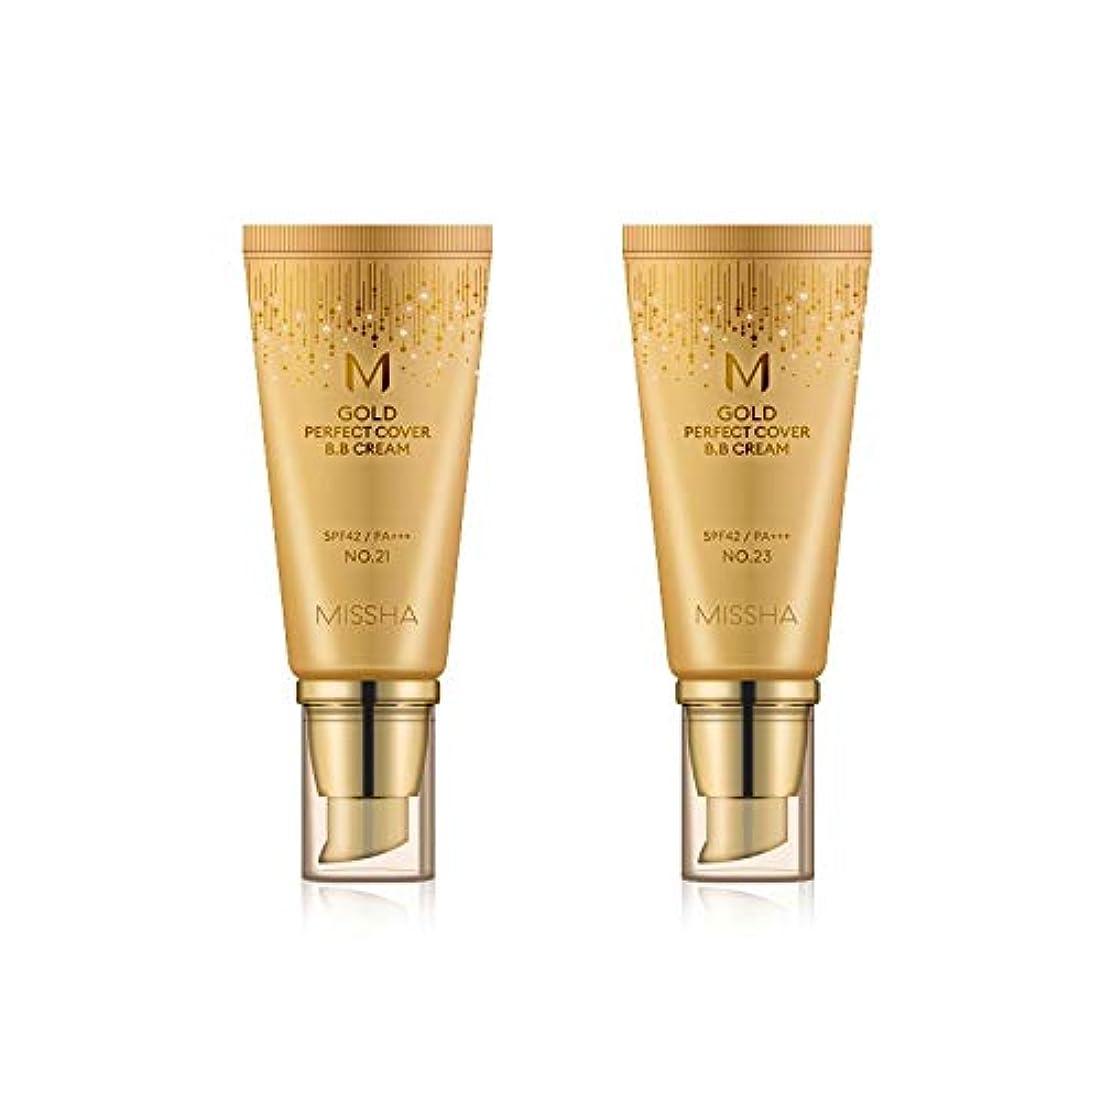 抵当消防士貢献するMISSHA Gold Perfecte Cover BB Cream SPF42 PA+++ / ミシャ ゴールド パーフェクト カバー BBクリーム 50ml *NO.23 [並行輸入品]